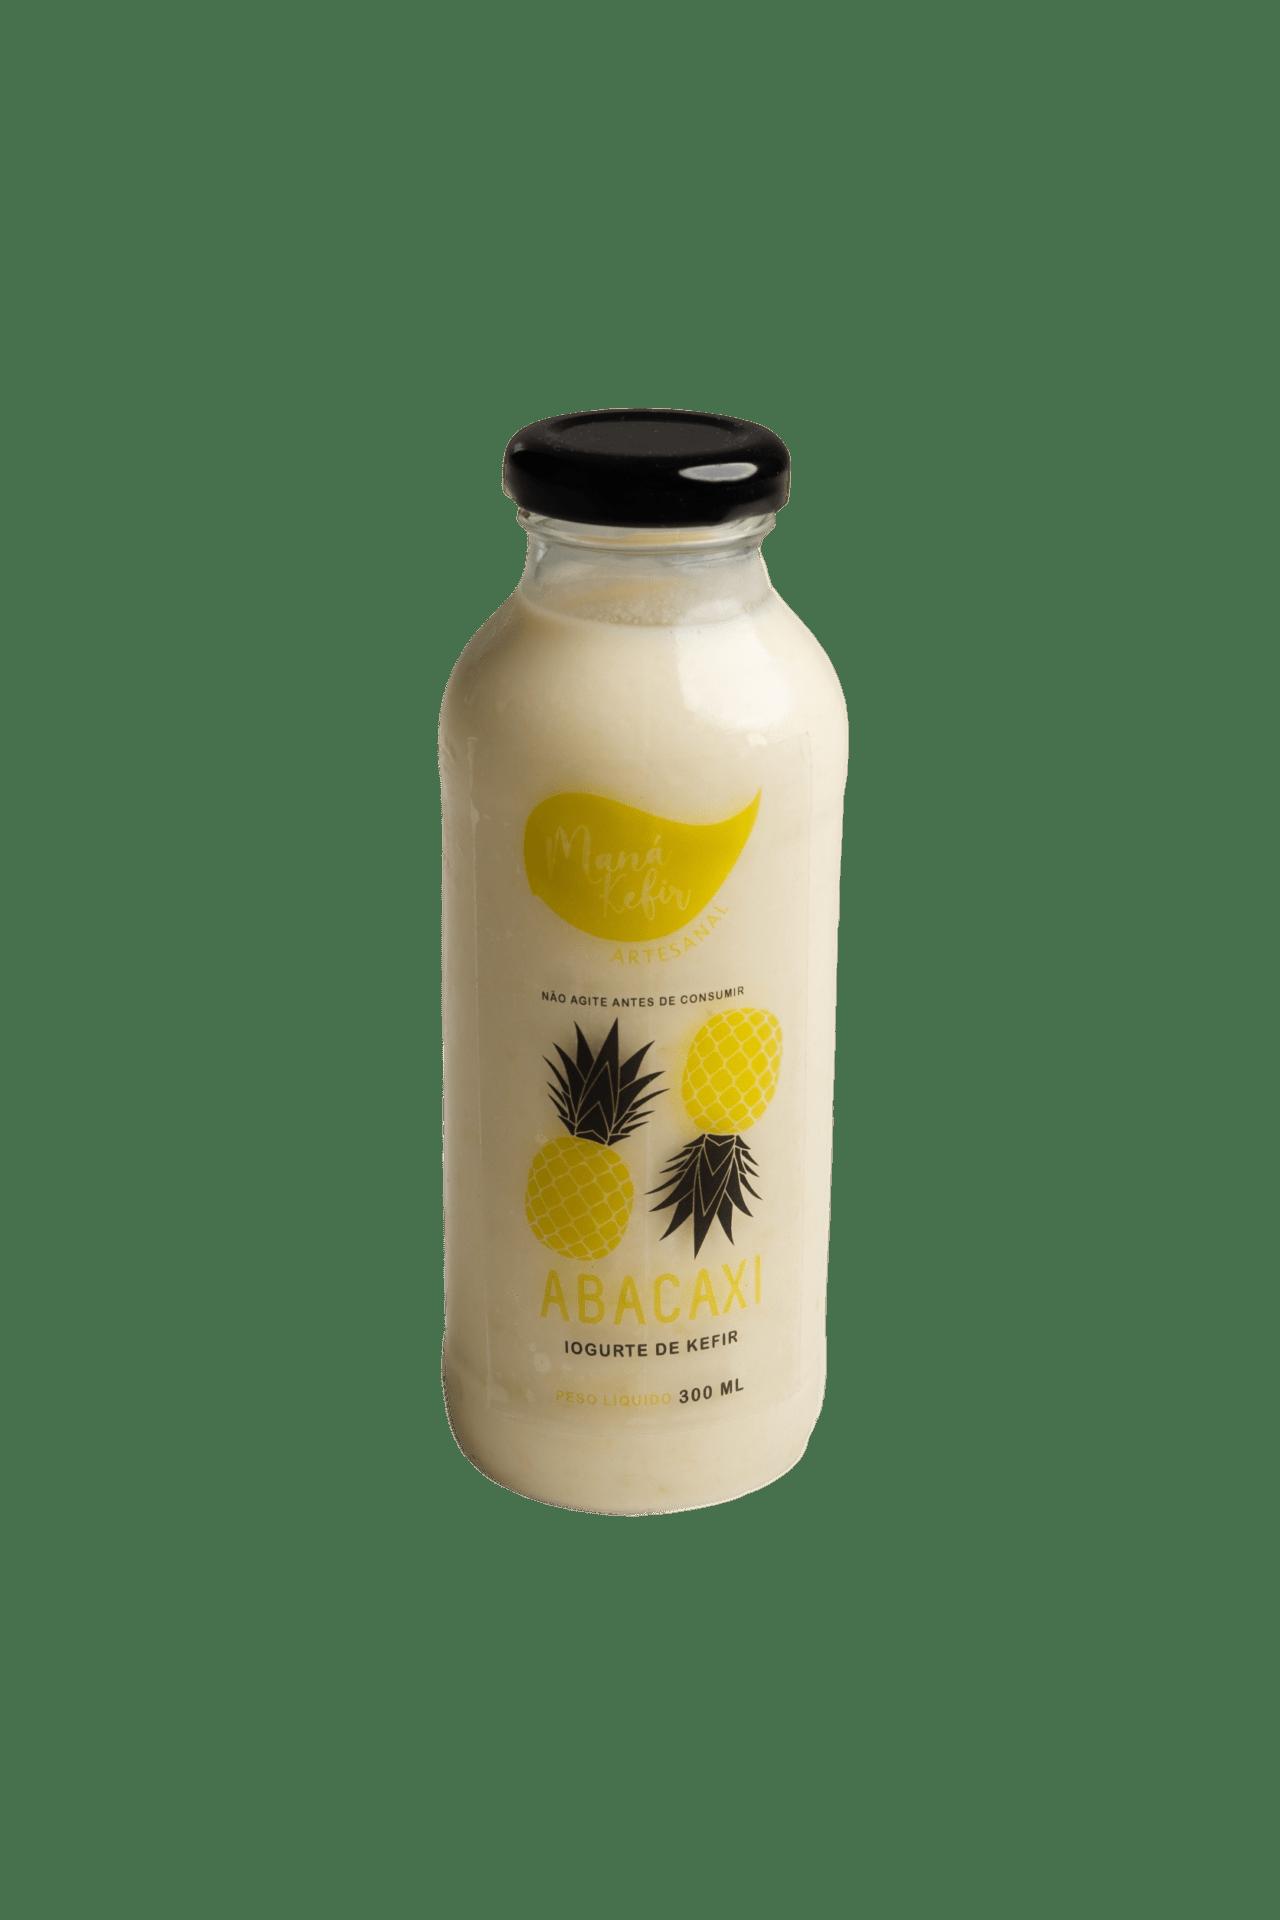 Iogurte De Kefir Abacaxi 300ml - Mana Kefir